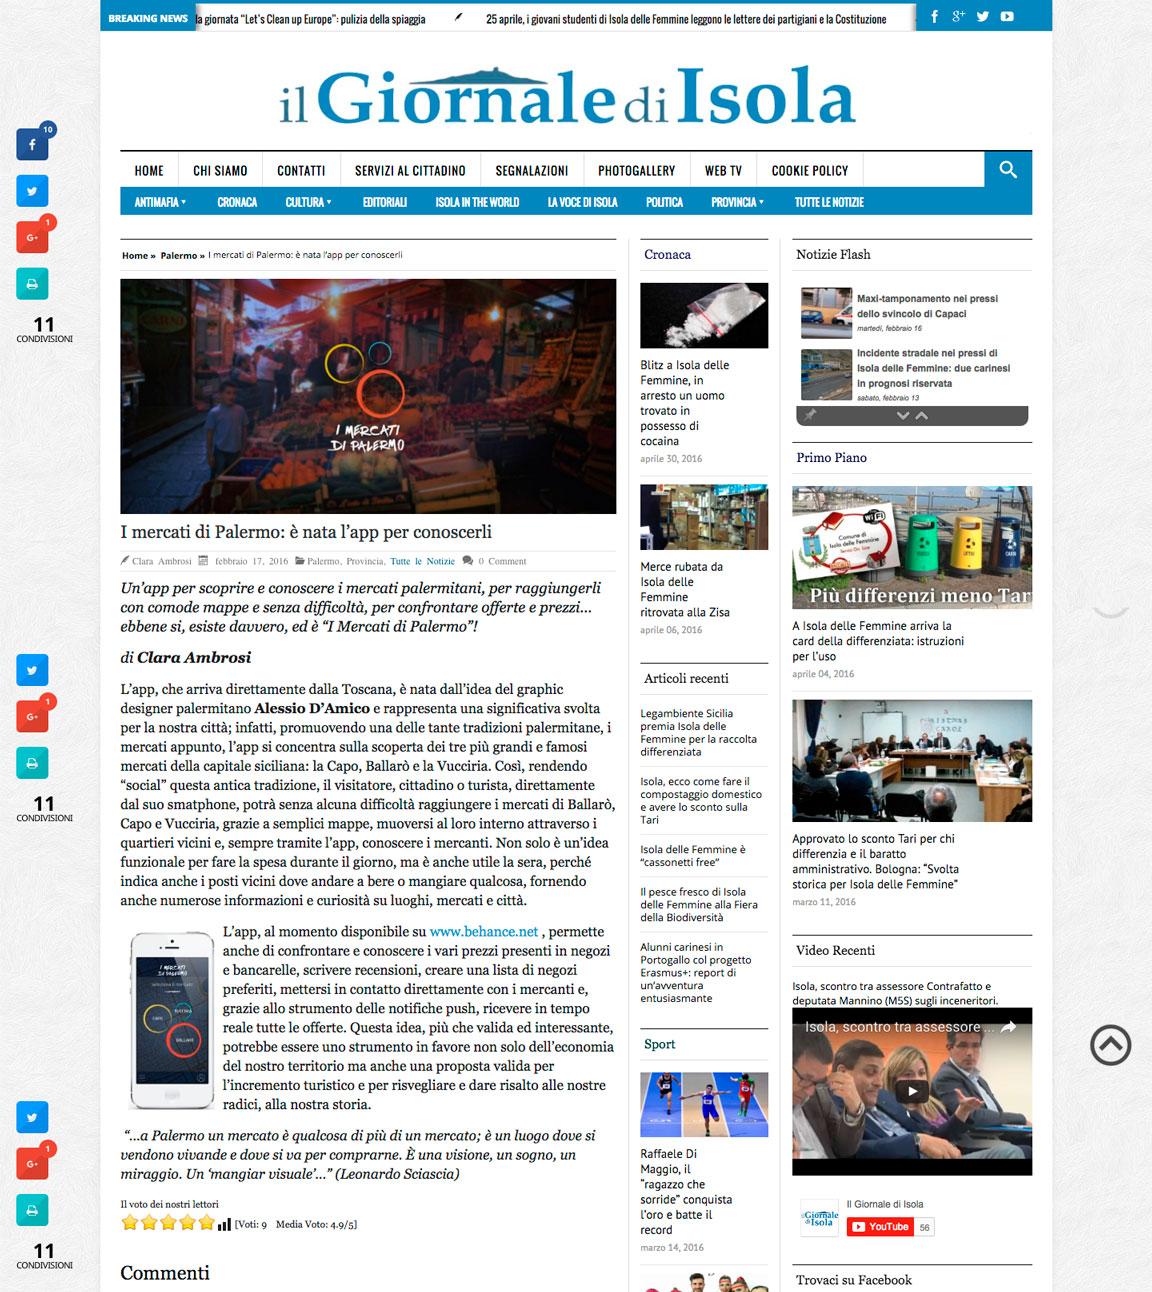 it_mercati_di_palermo_alessio_damico